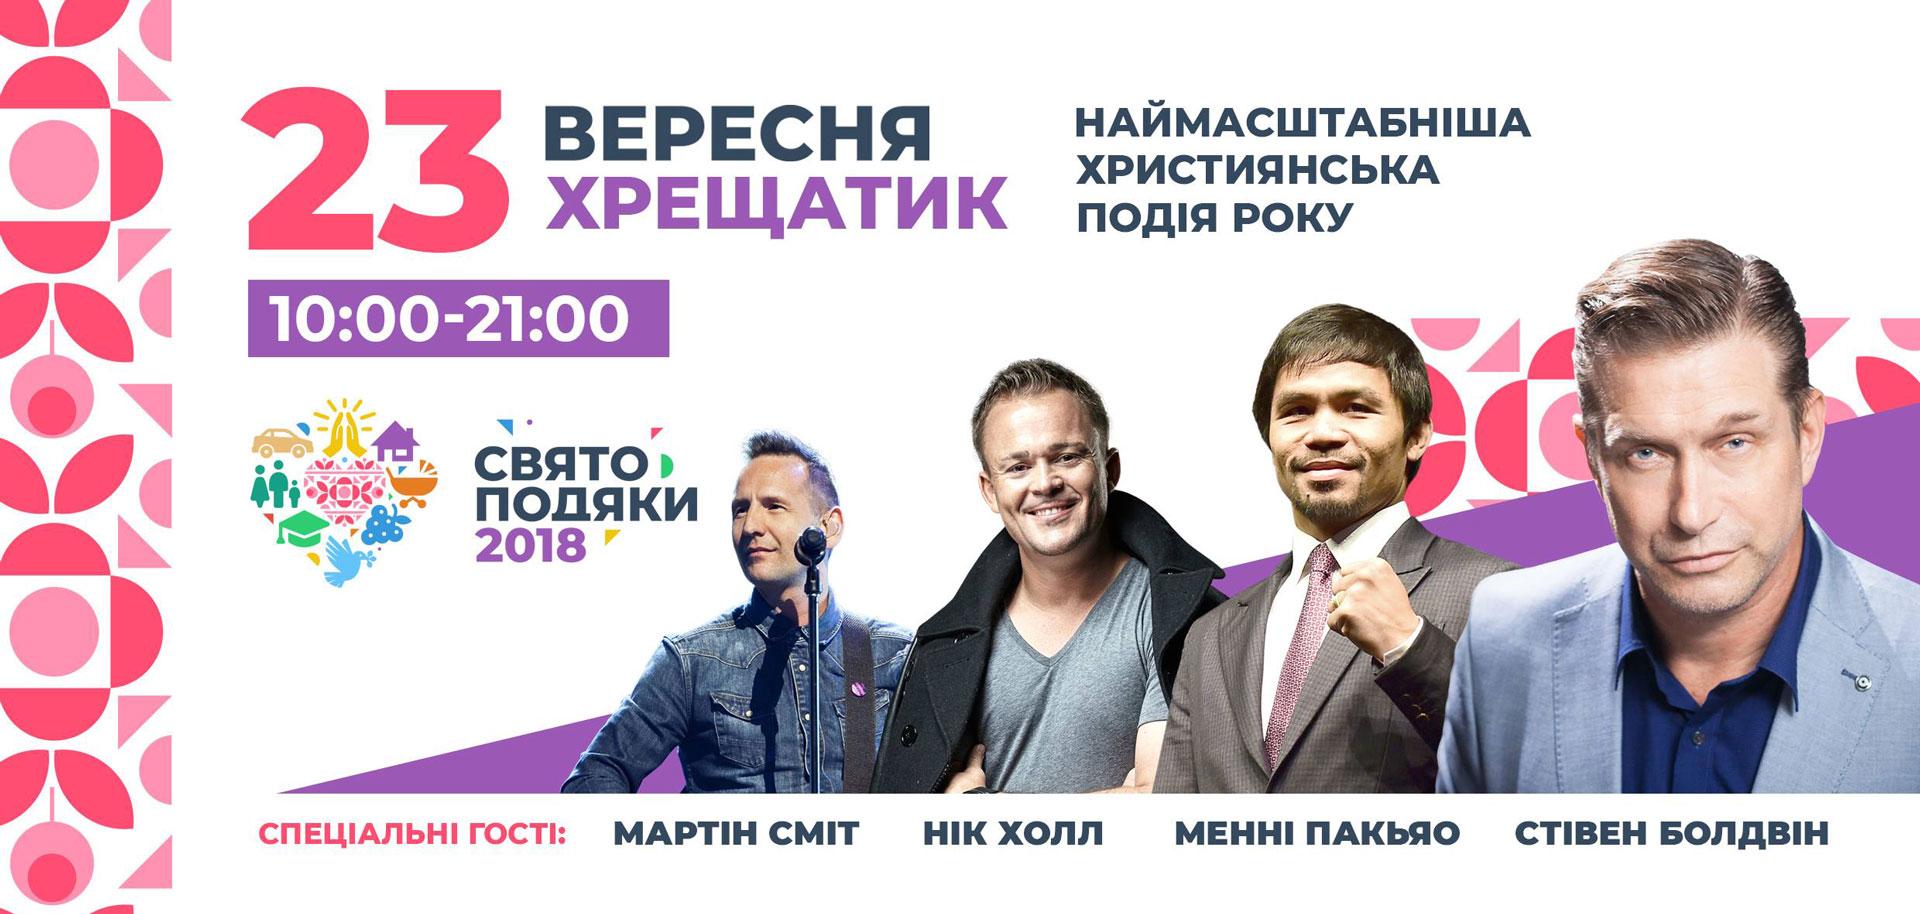 Свято Подяки в Україні